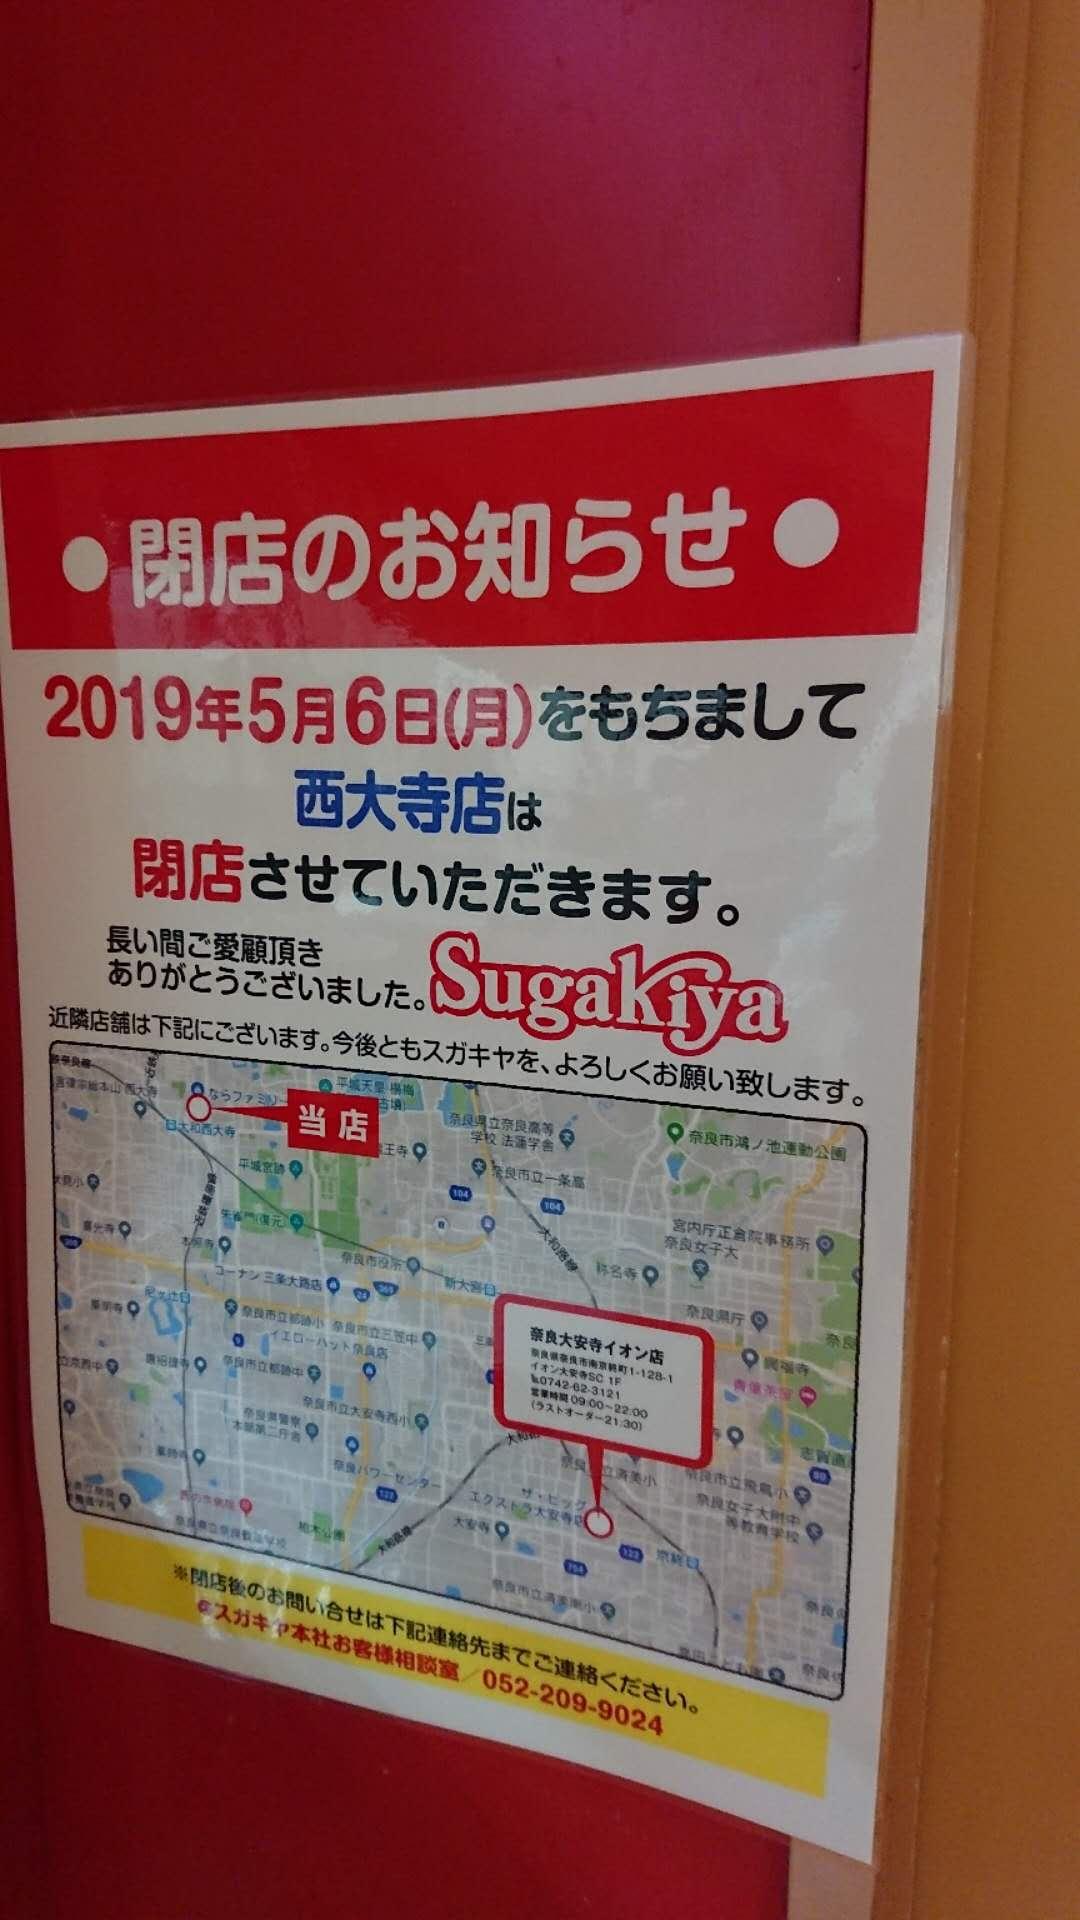 【悲報】ならファミリー内のスガキヤが5月6日に閉店 大和西大寺駅近く